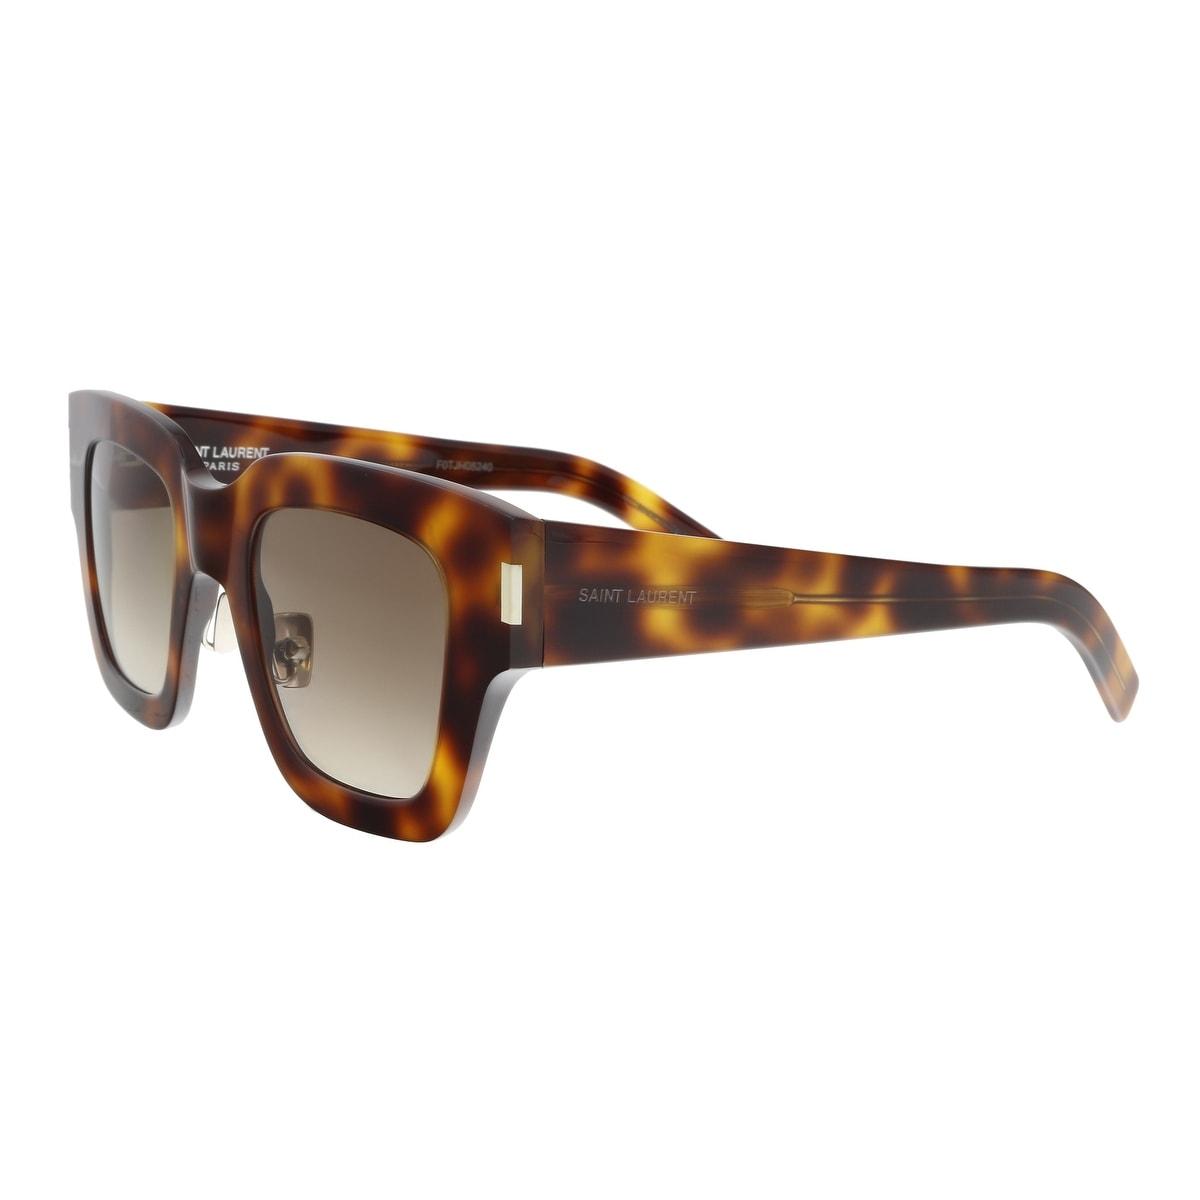 82c1d384422 Saint Laurent Sunglasses